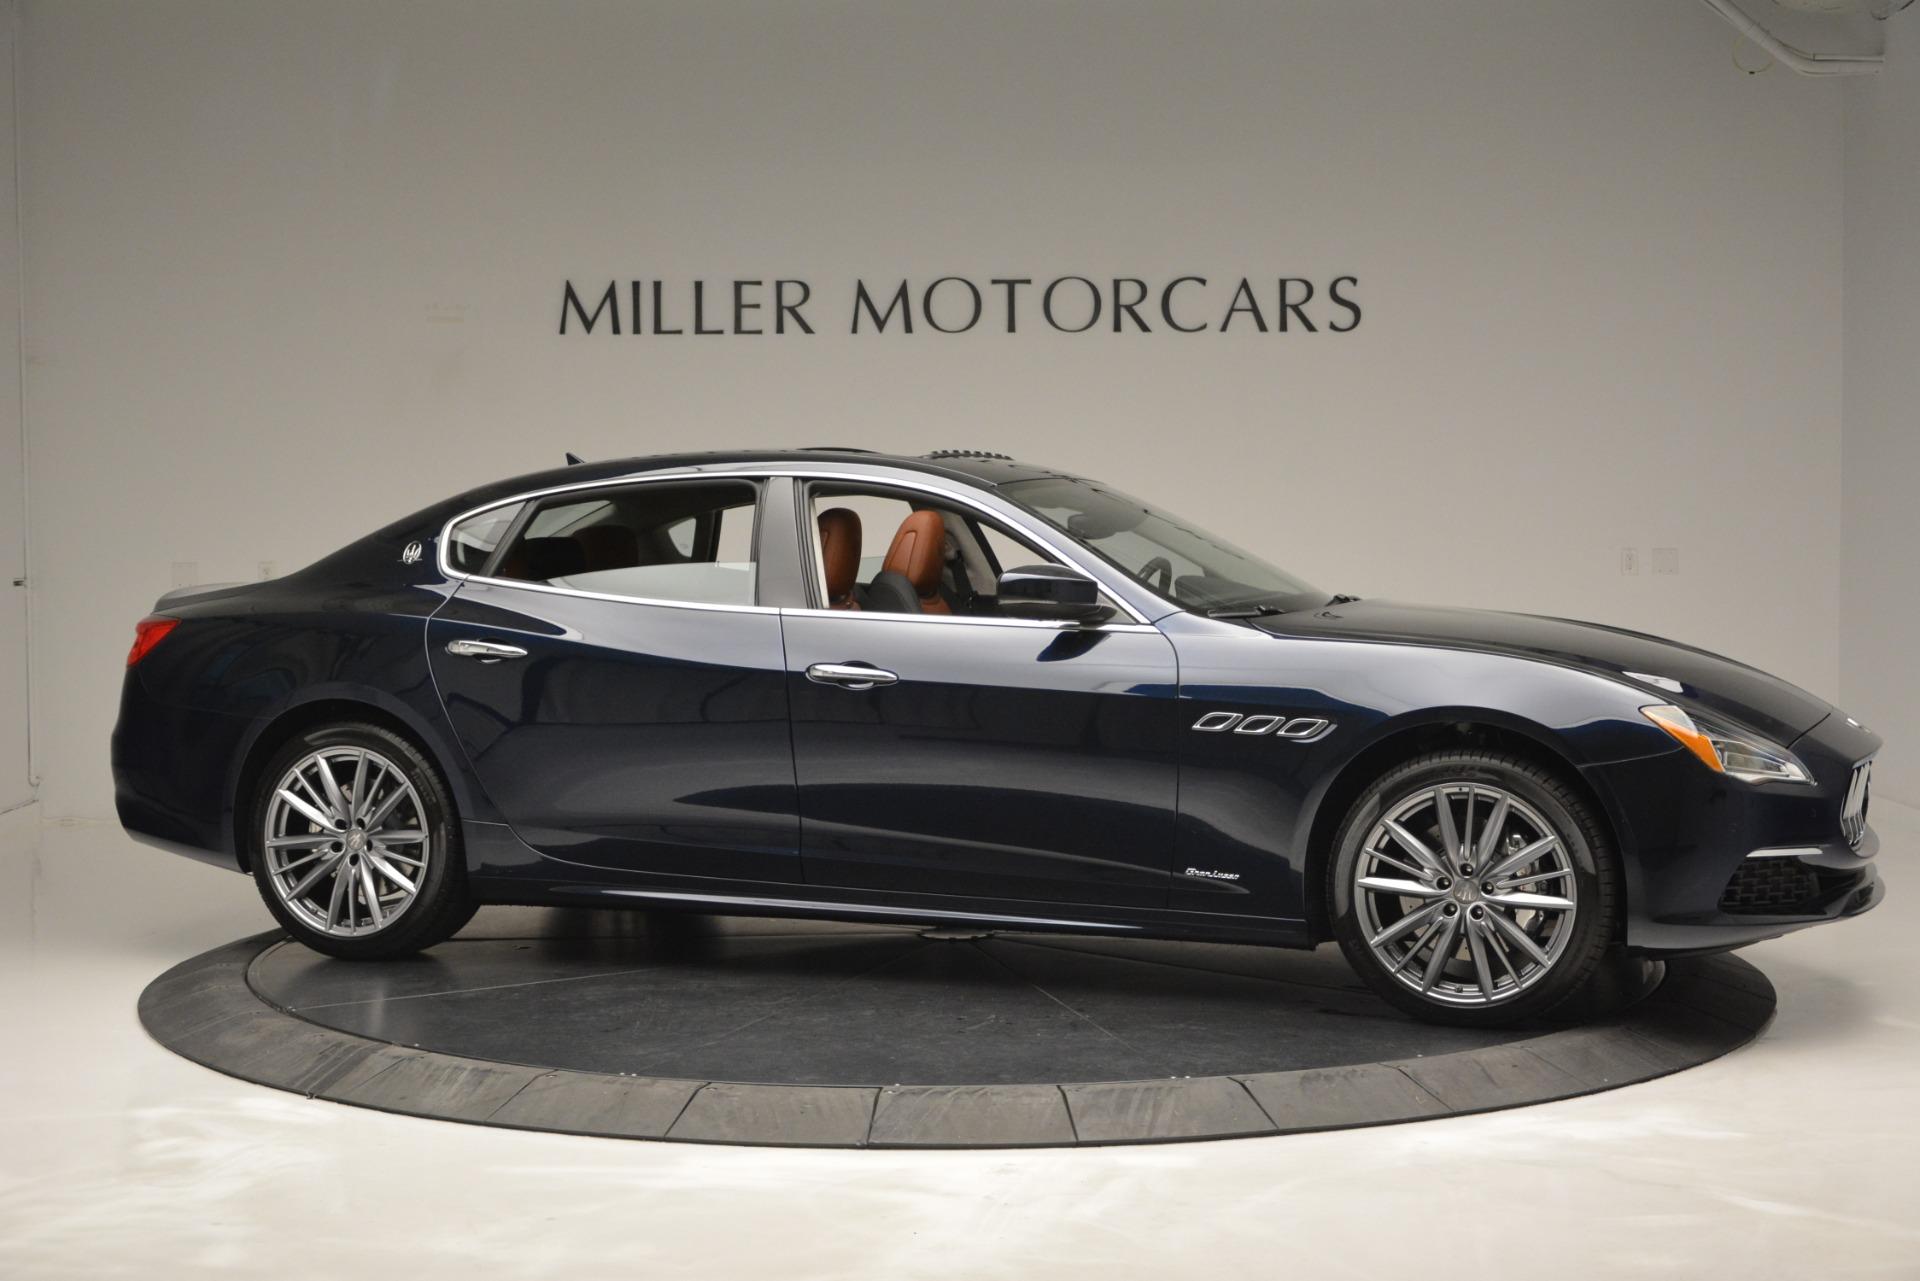 New 2019 Maserati Quattroporte S Q4 GranLusso Edizione Nobile For Sale In Greenwich, CT 2898_p15